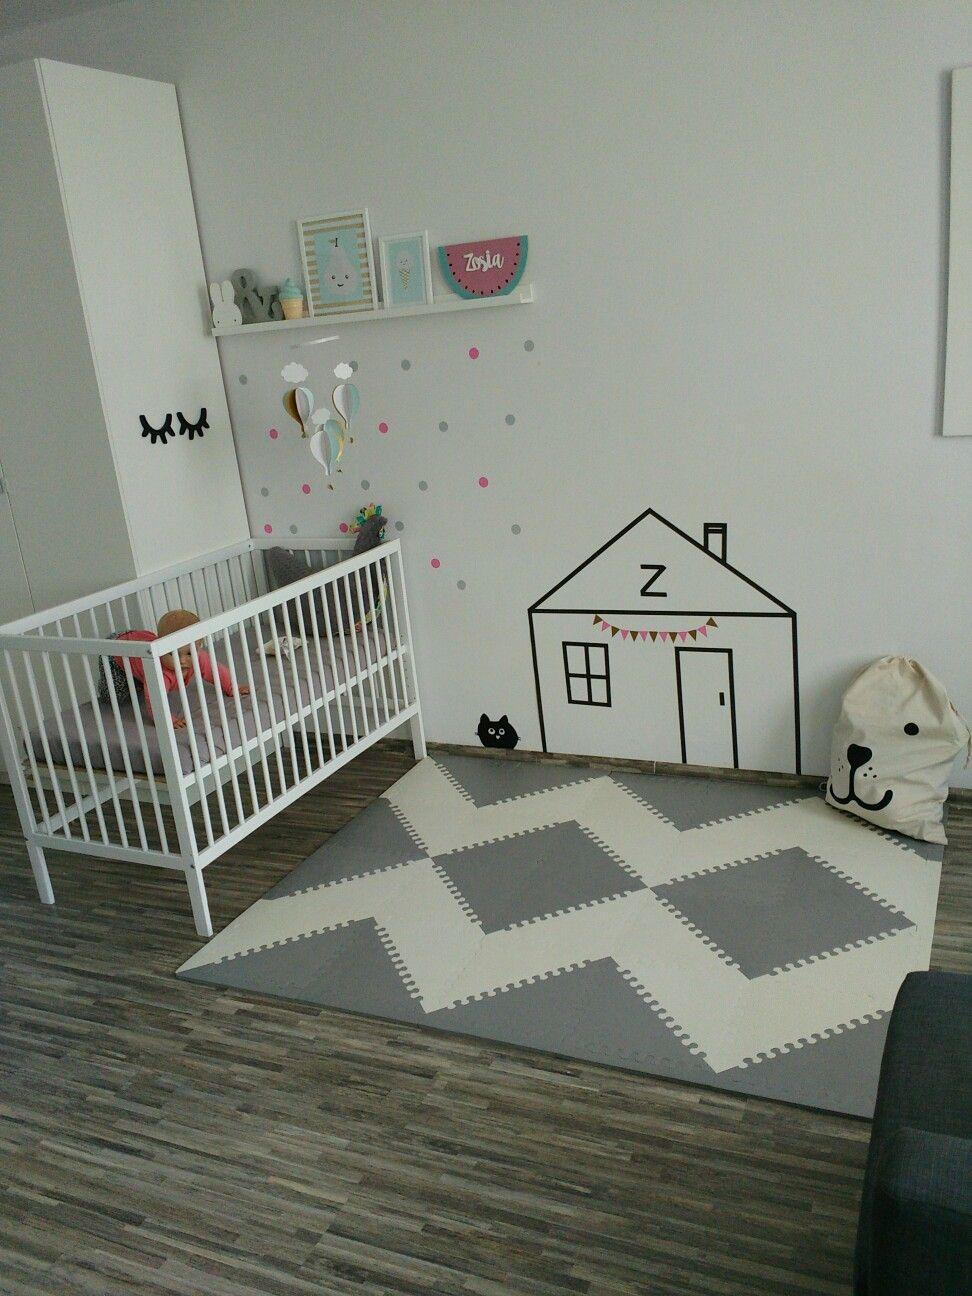 Superb Mata Skip Hop Szara / Washi Tape Kids Room/ Mokke Bed